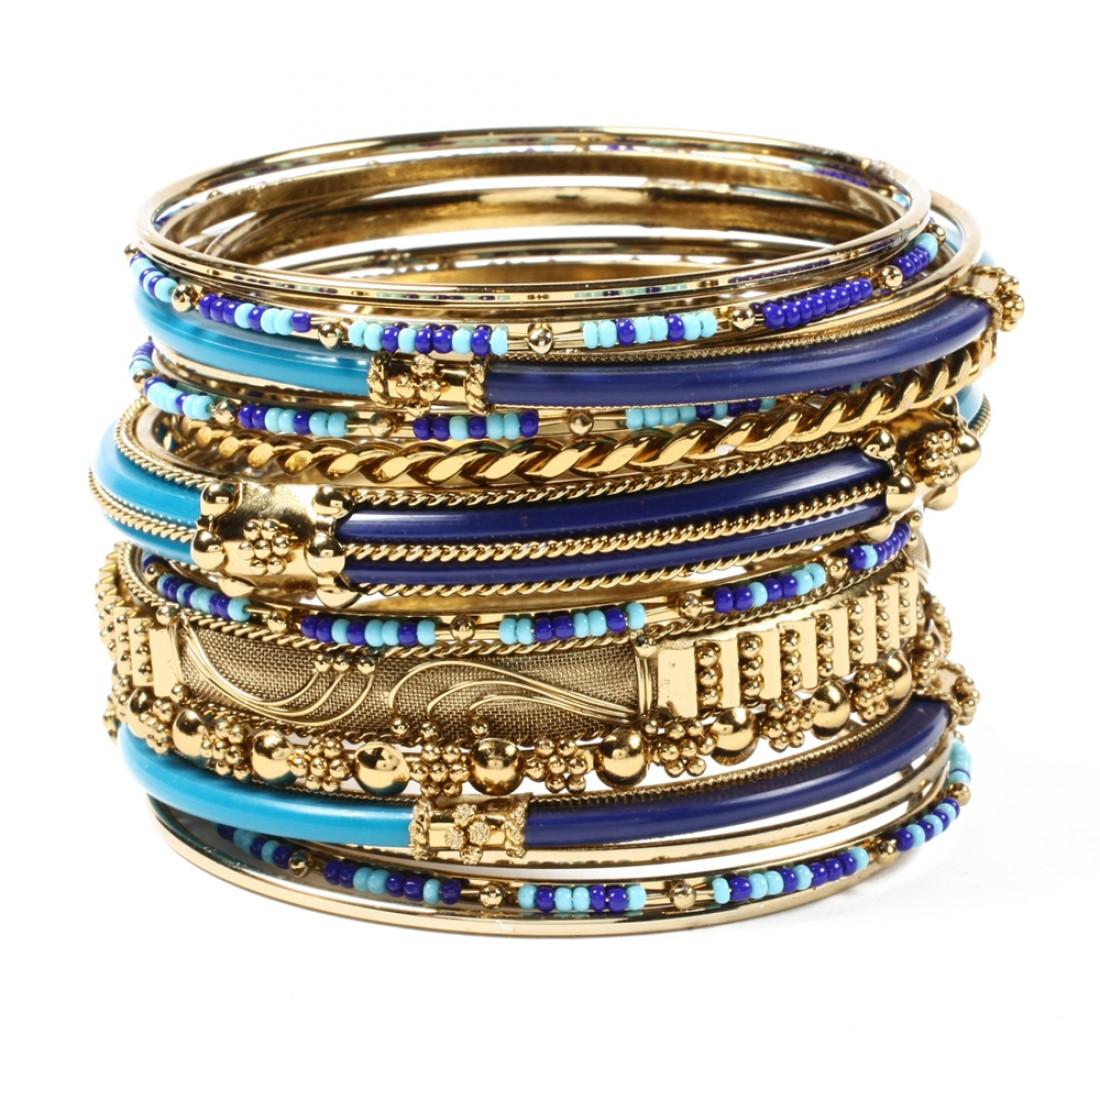 Monaco Bangle Set Blue/Turquoise